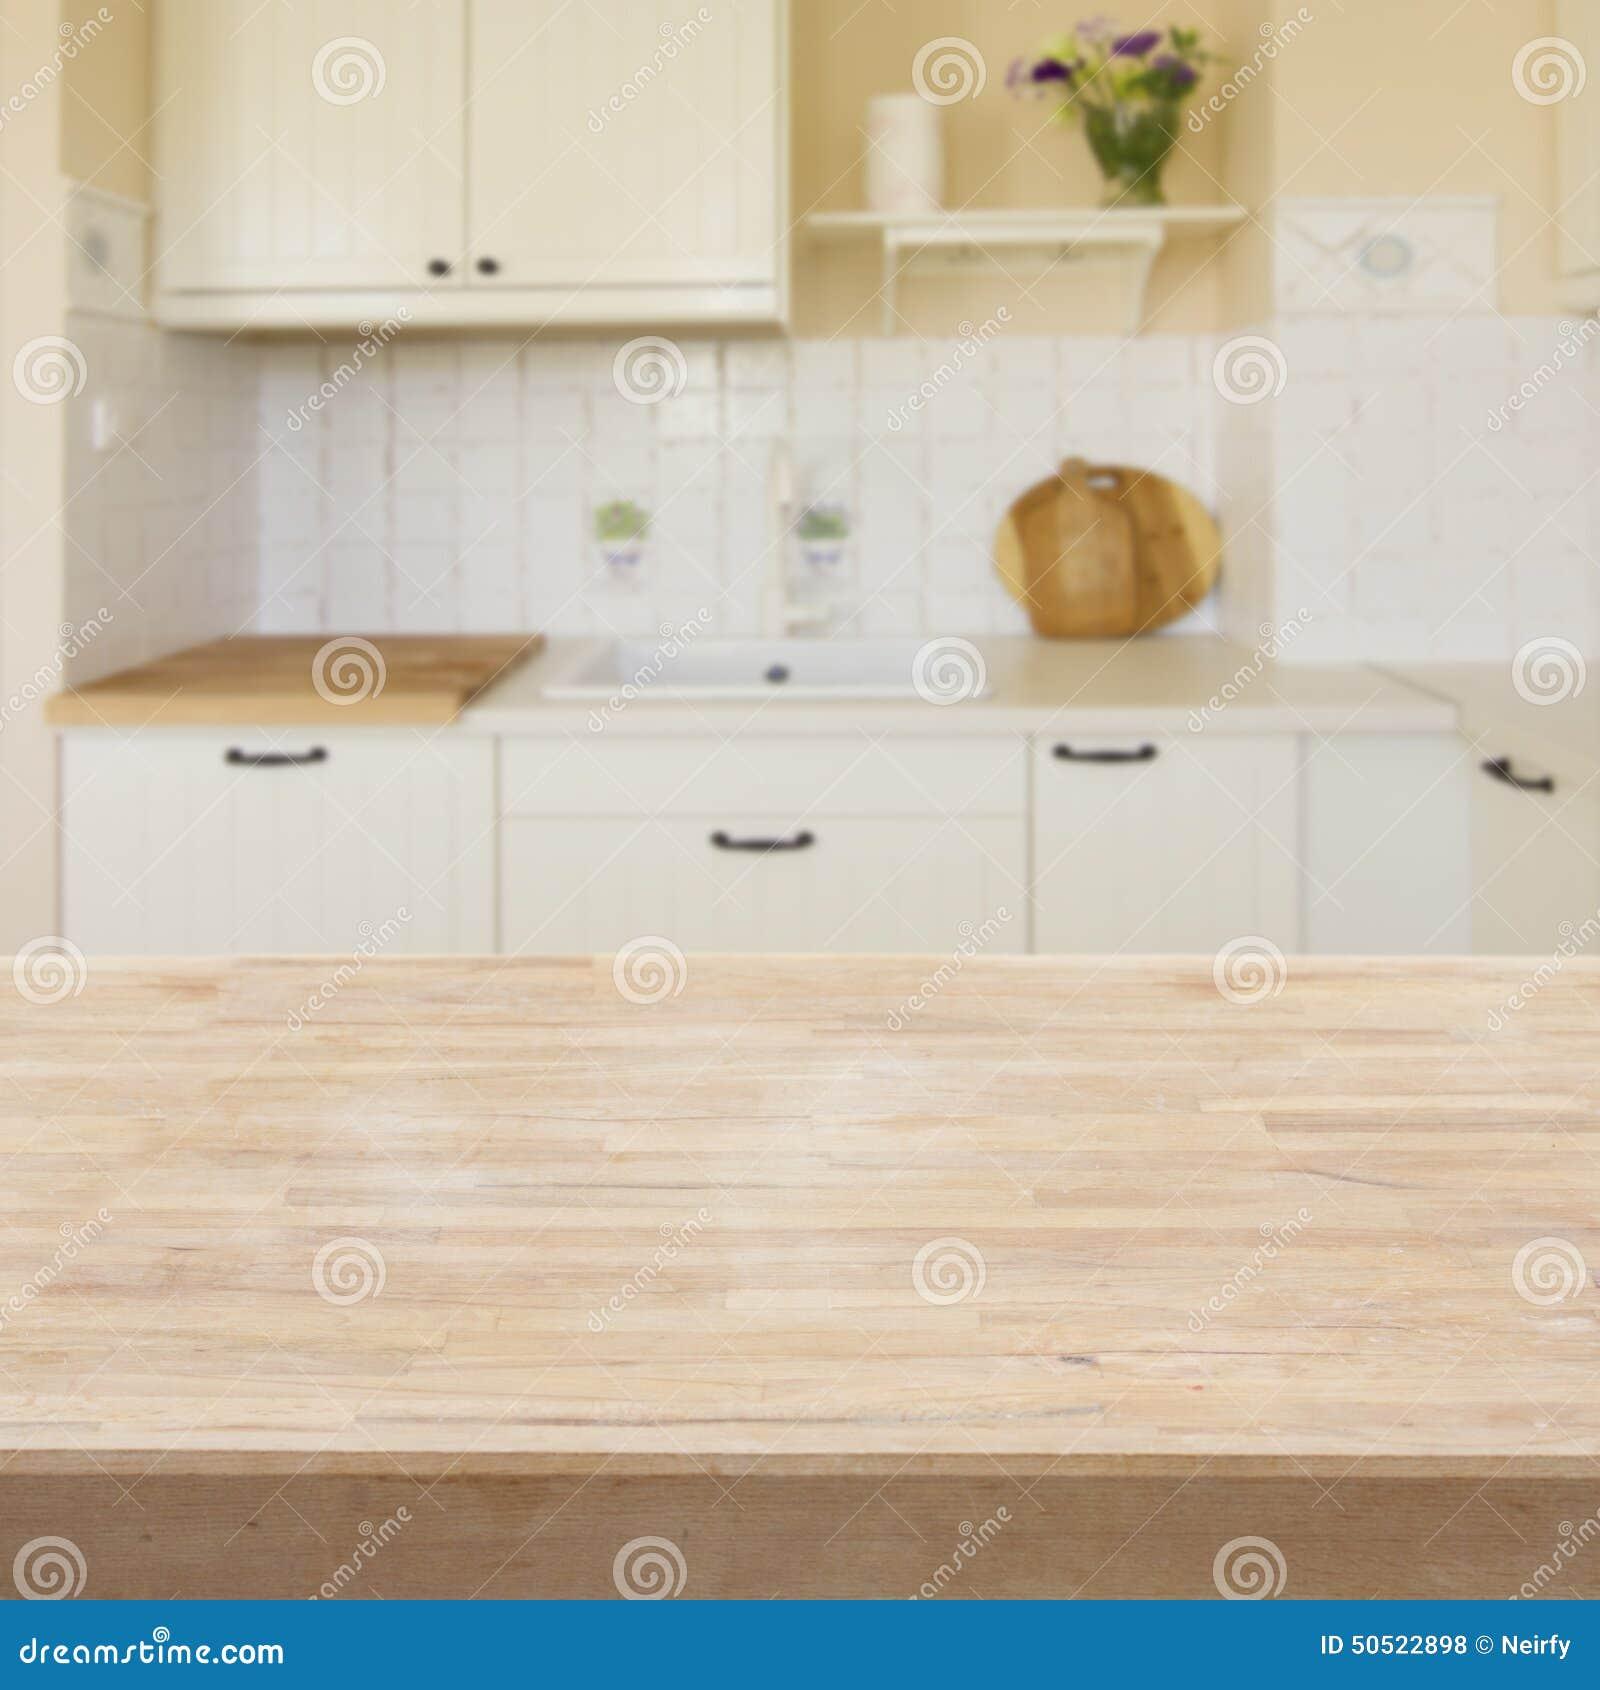 Tabell i ett kök